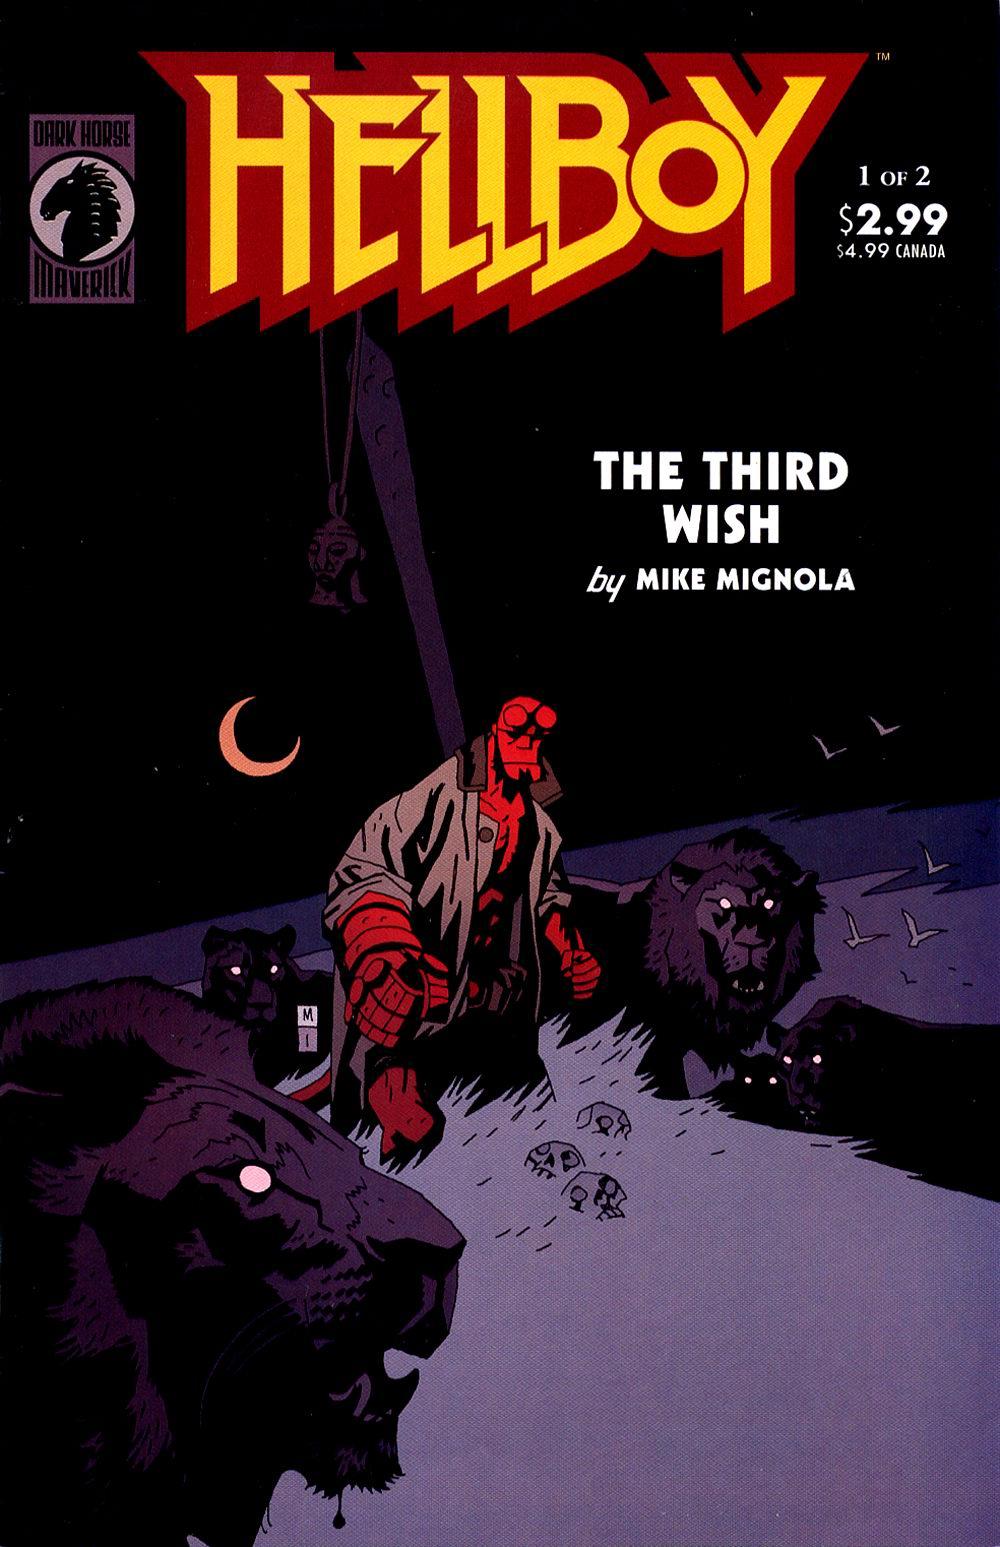 The Third Wish - Hellboy Wiki